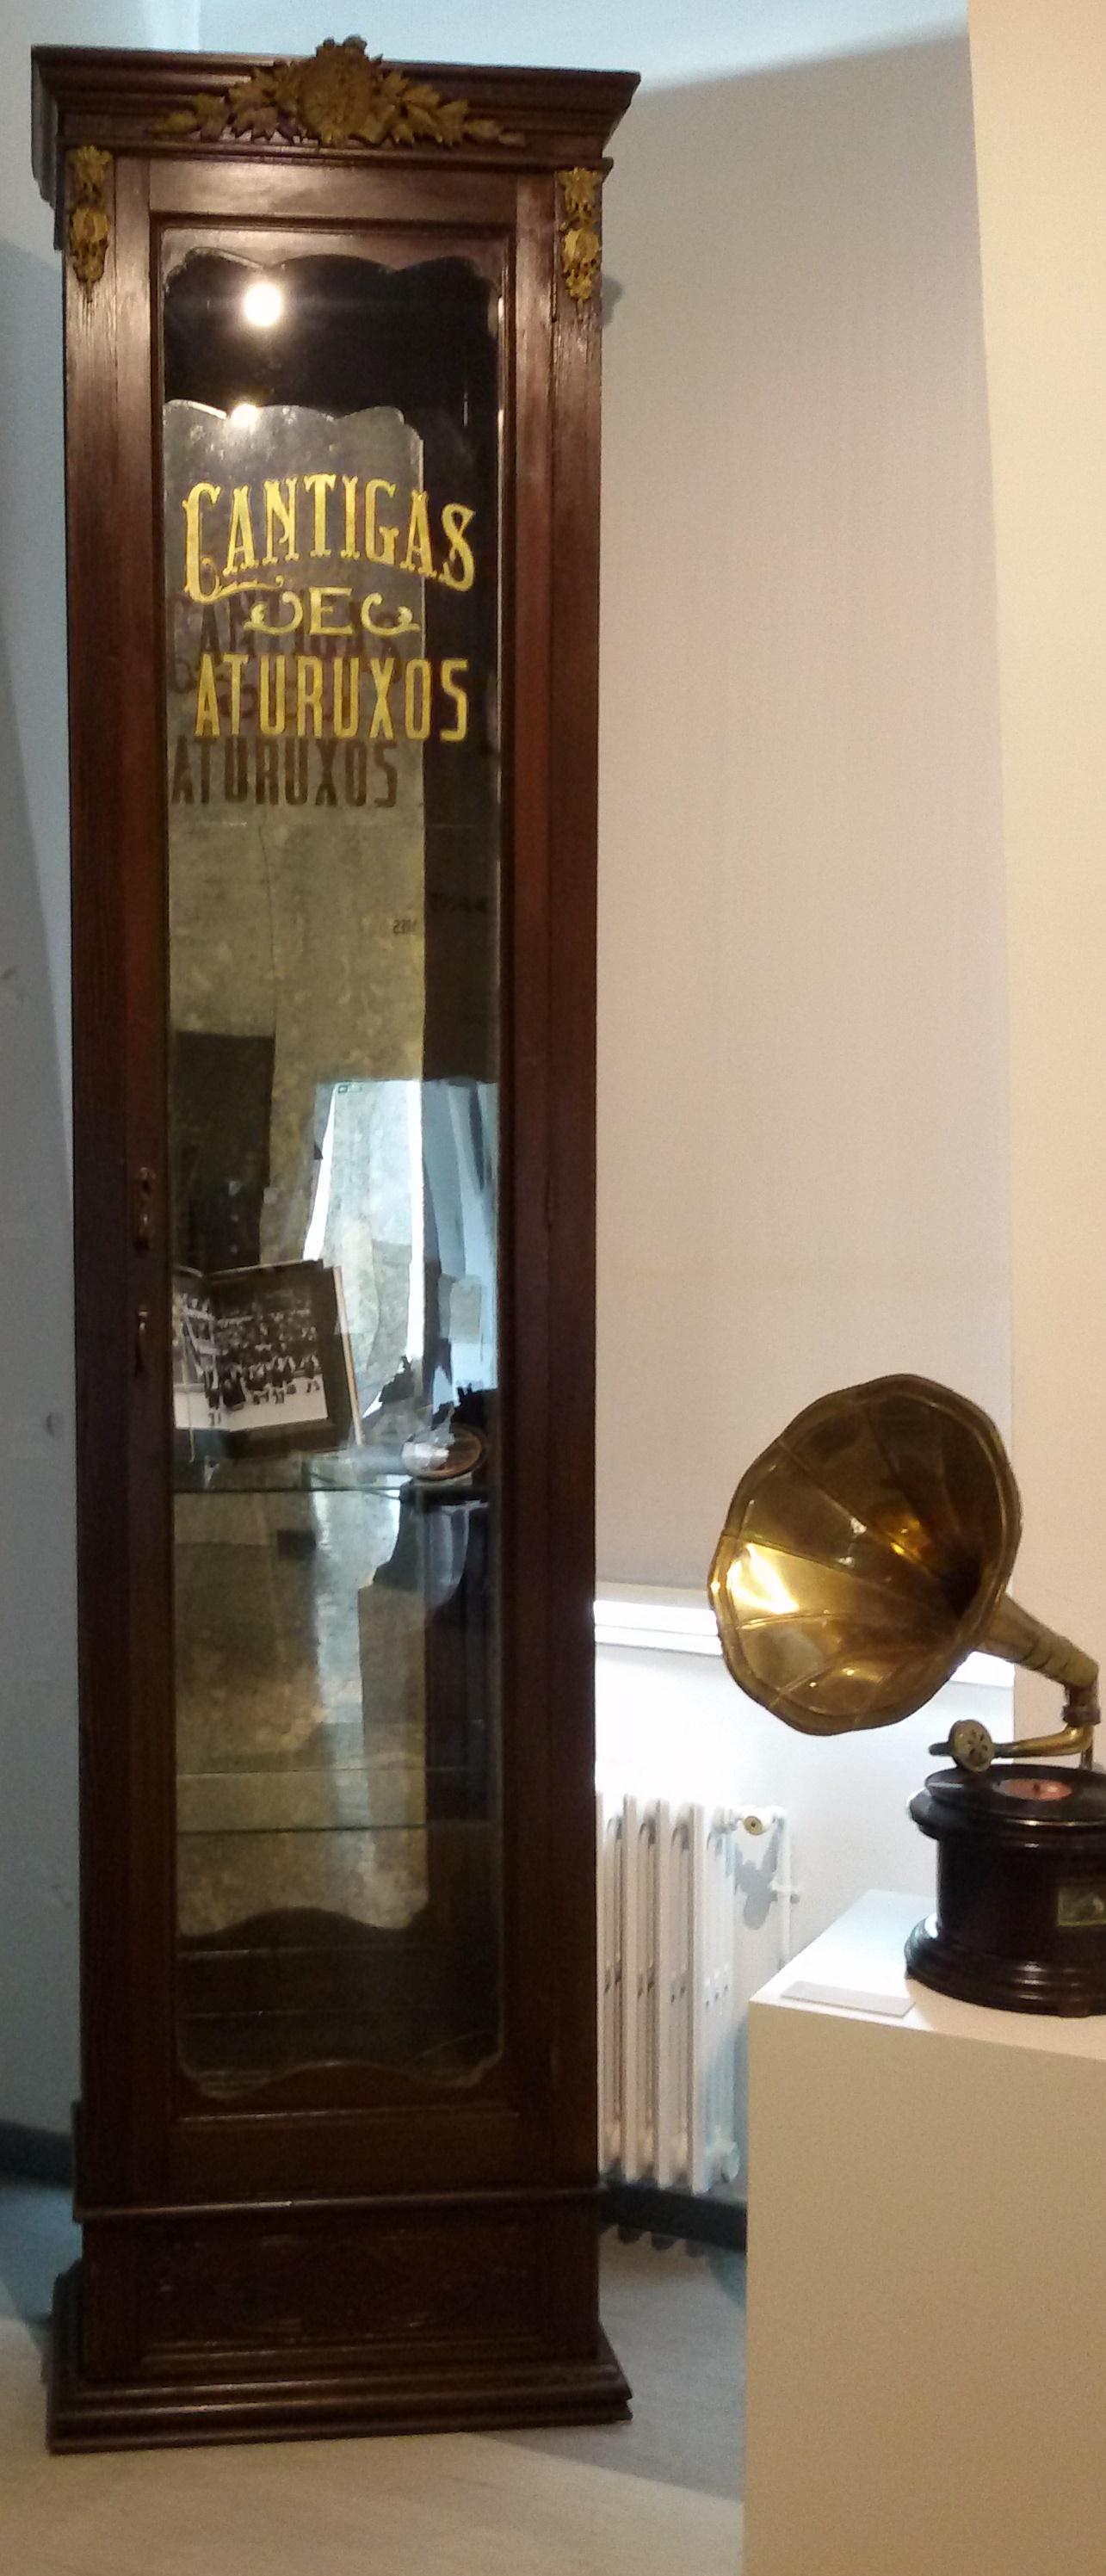 Recuperada a vitrina orixinal de Cántigas e Aturuxos!